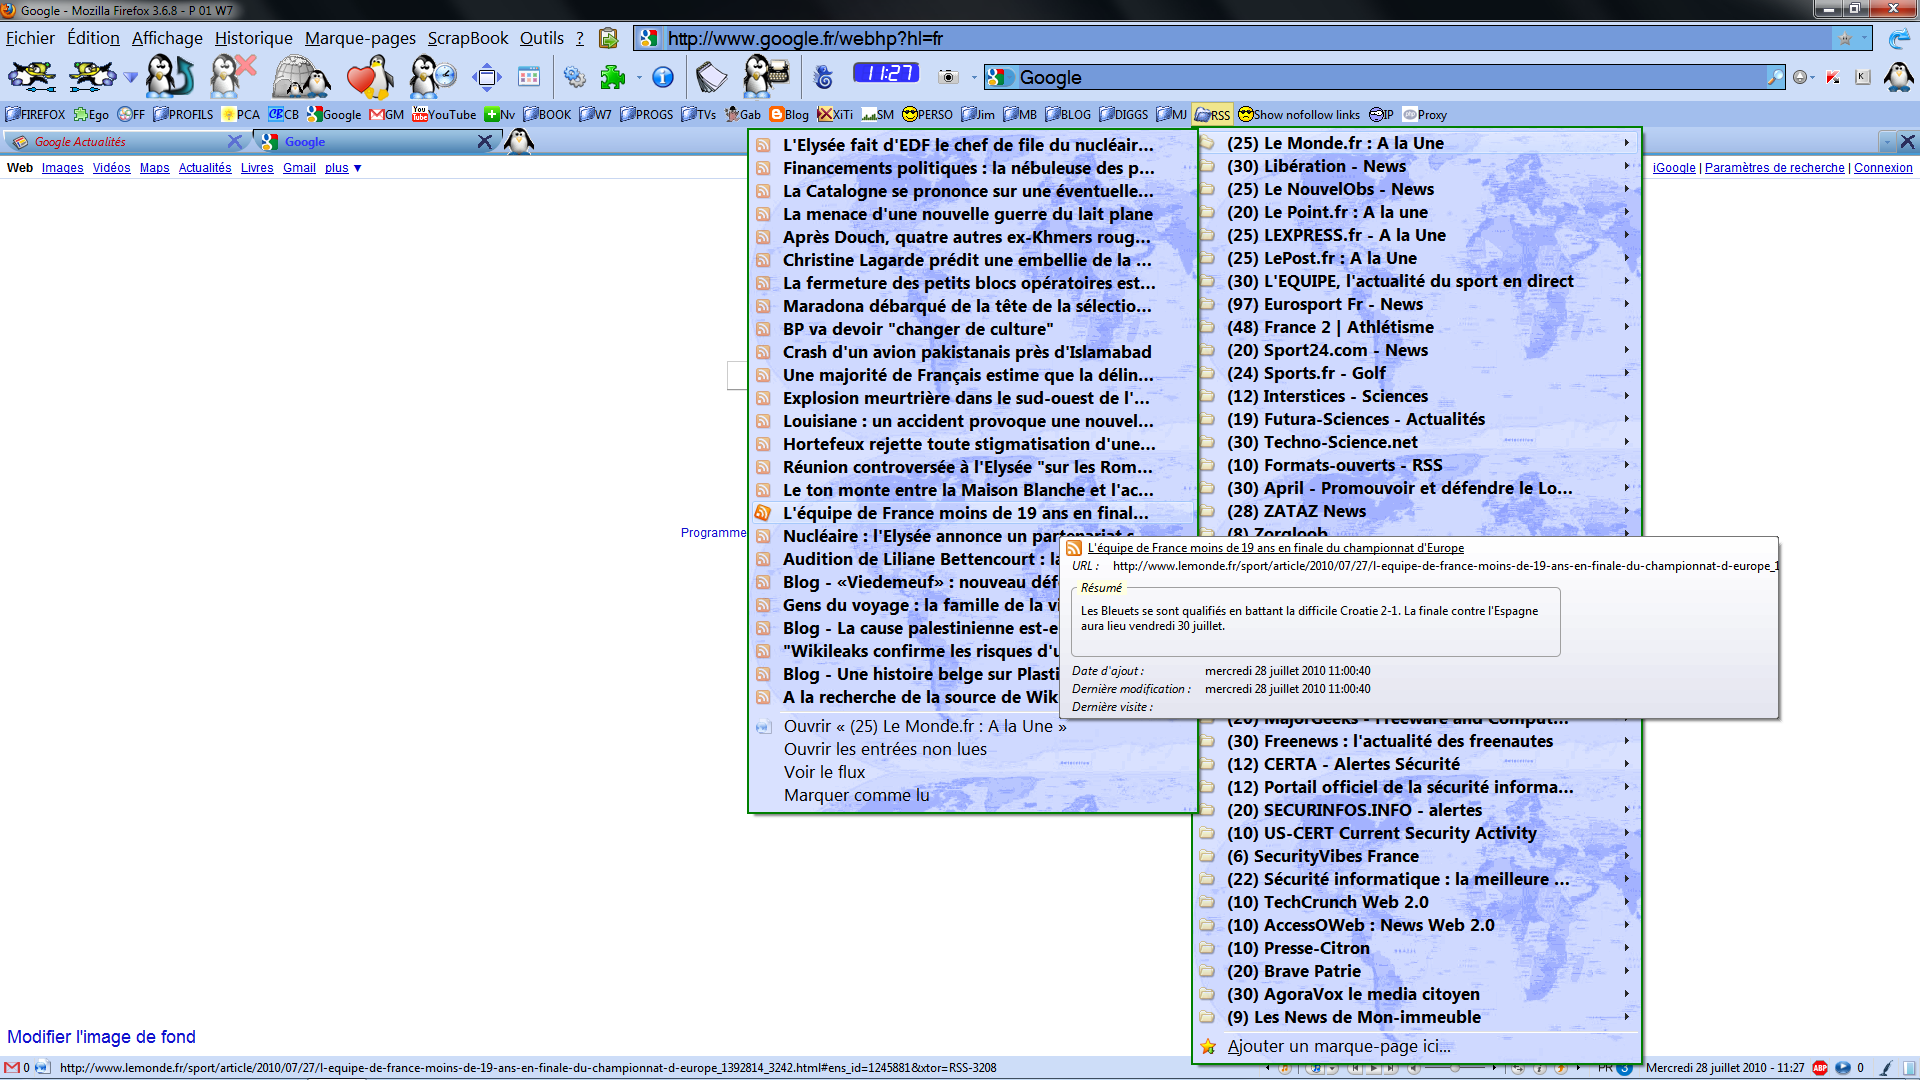 Firefox - Thème Penguin - Affichage des flux RSS